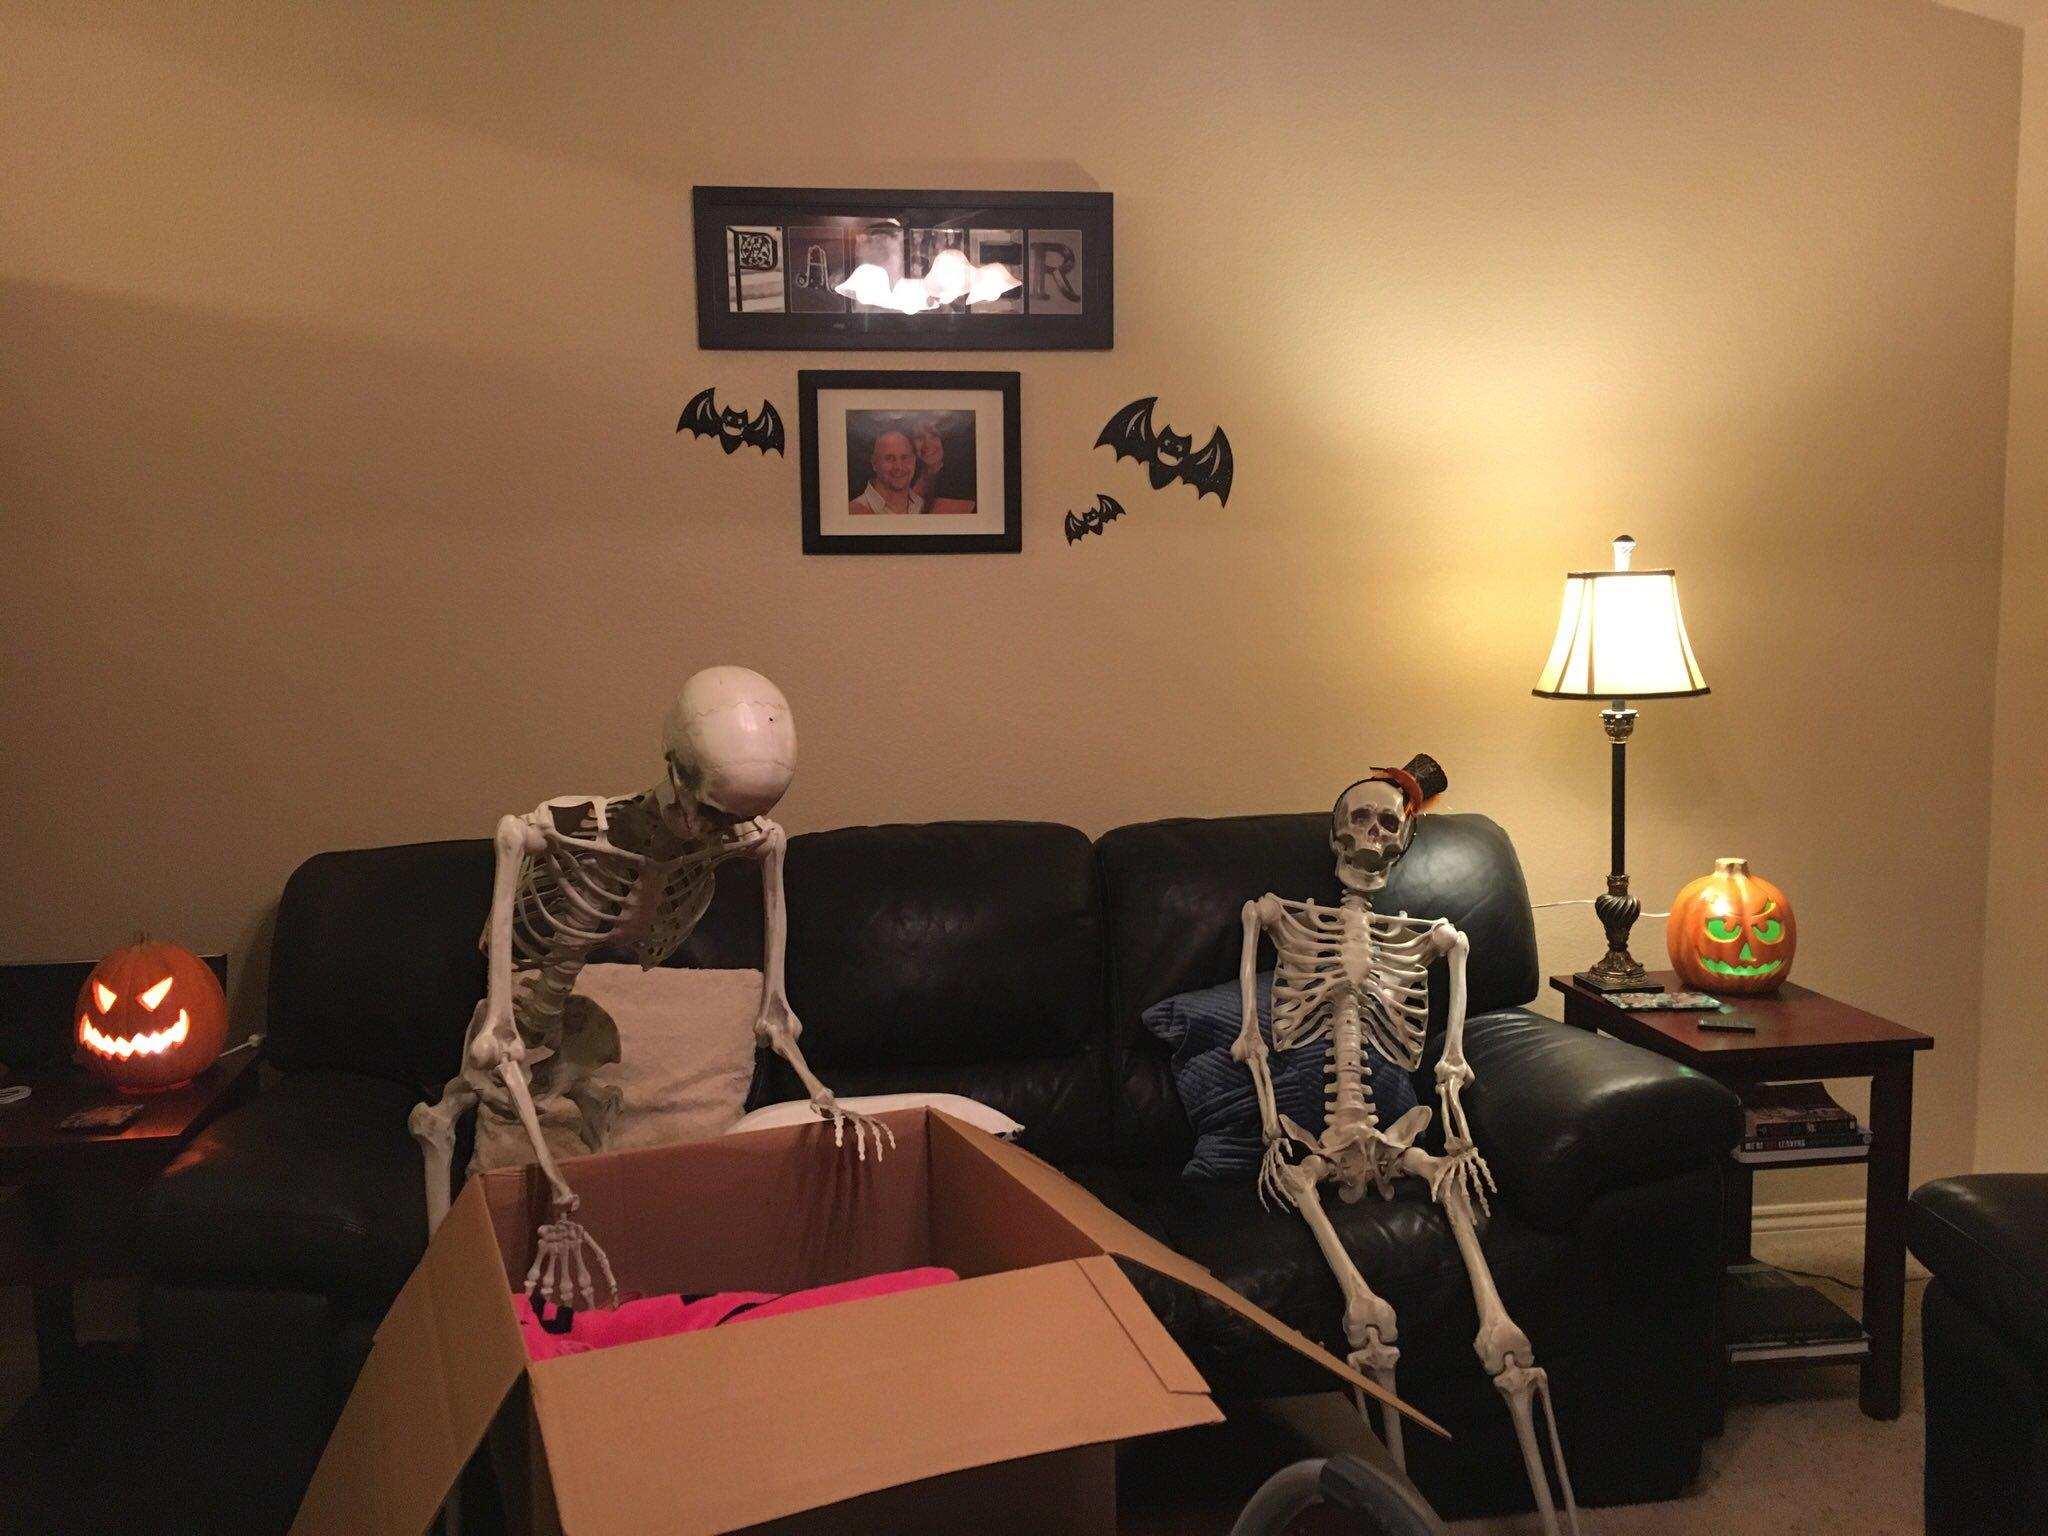 6-skeleton-pet-1570642682495.jpeg